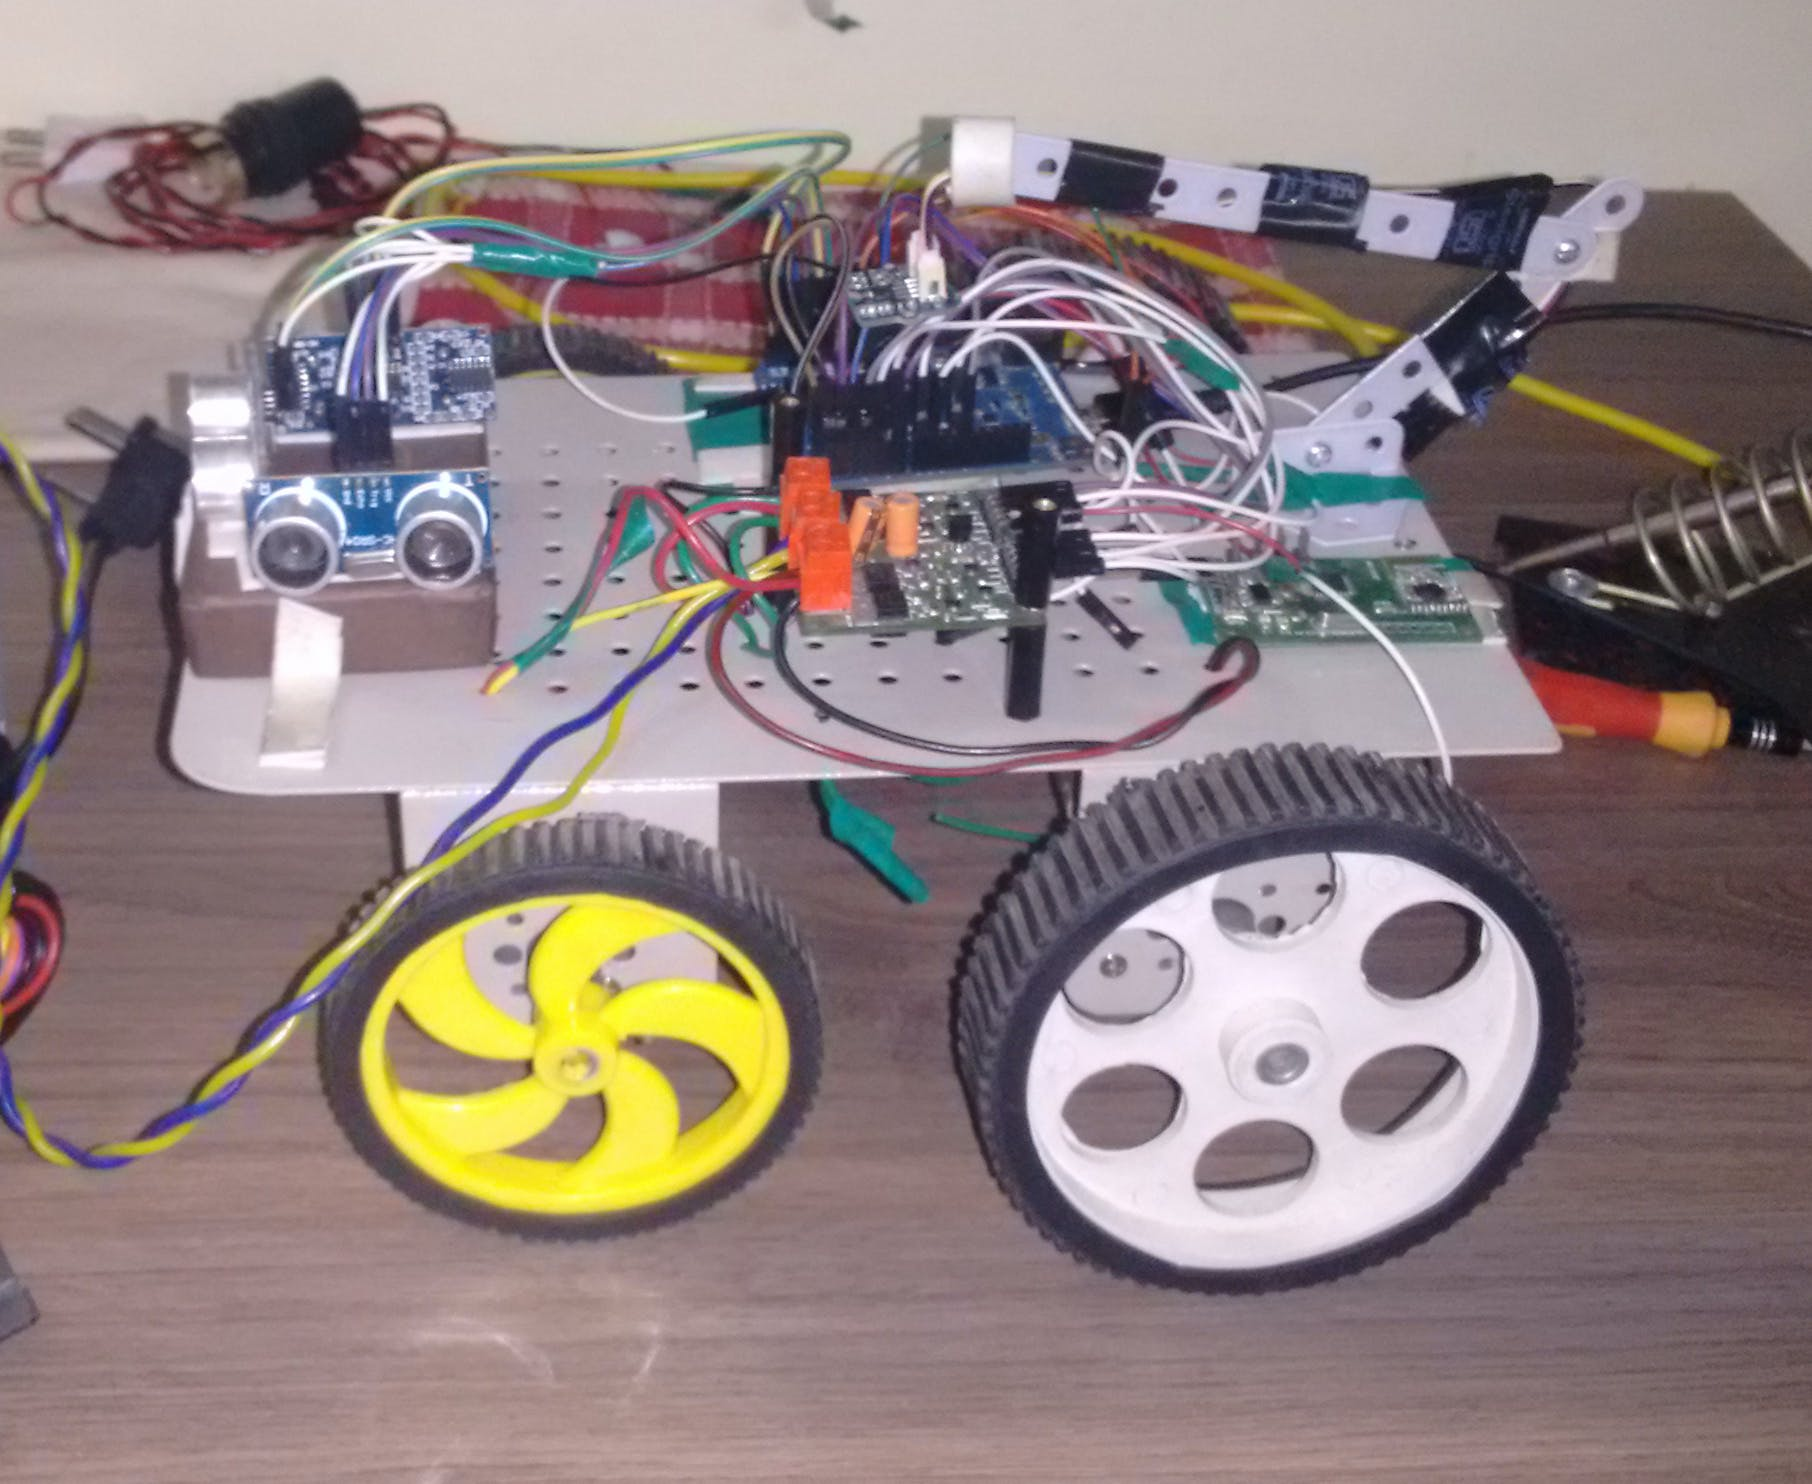 Autonomous Navigation and 2D Mapping